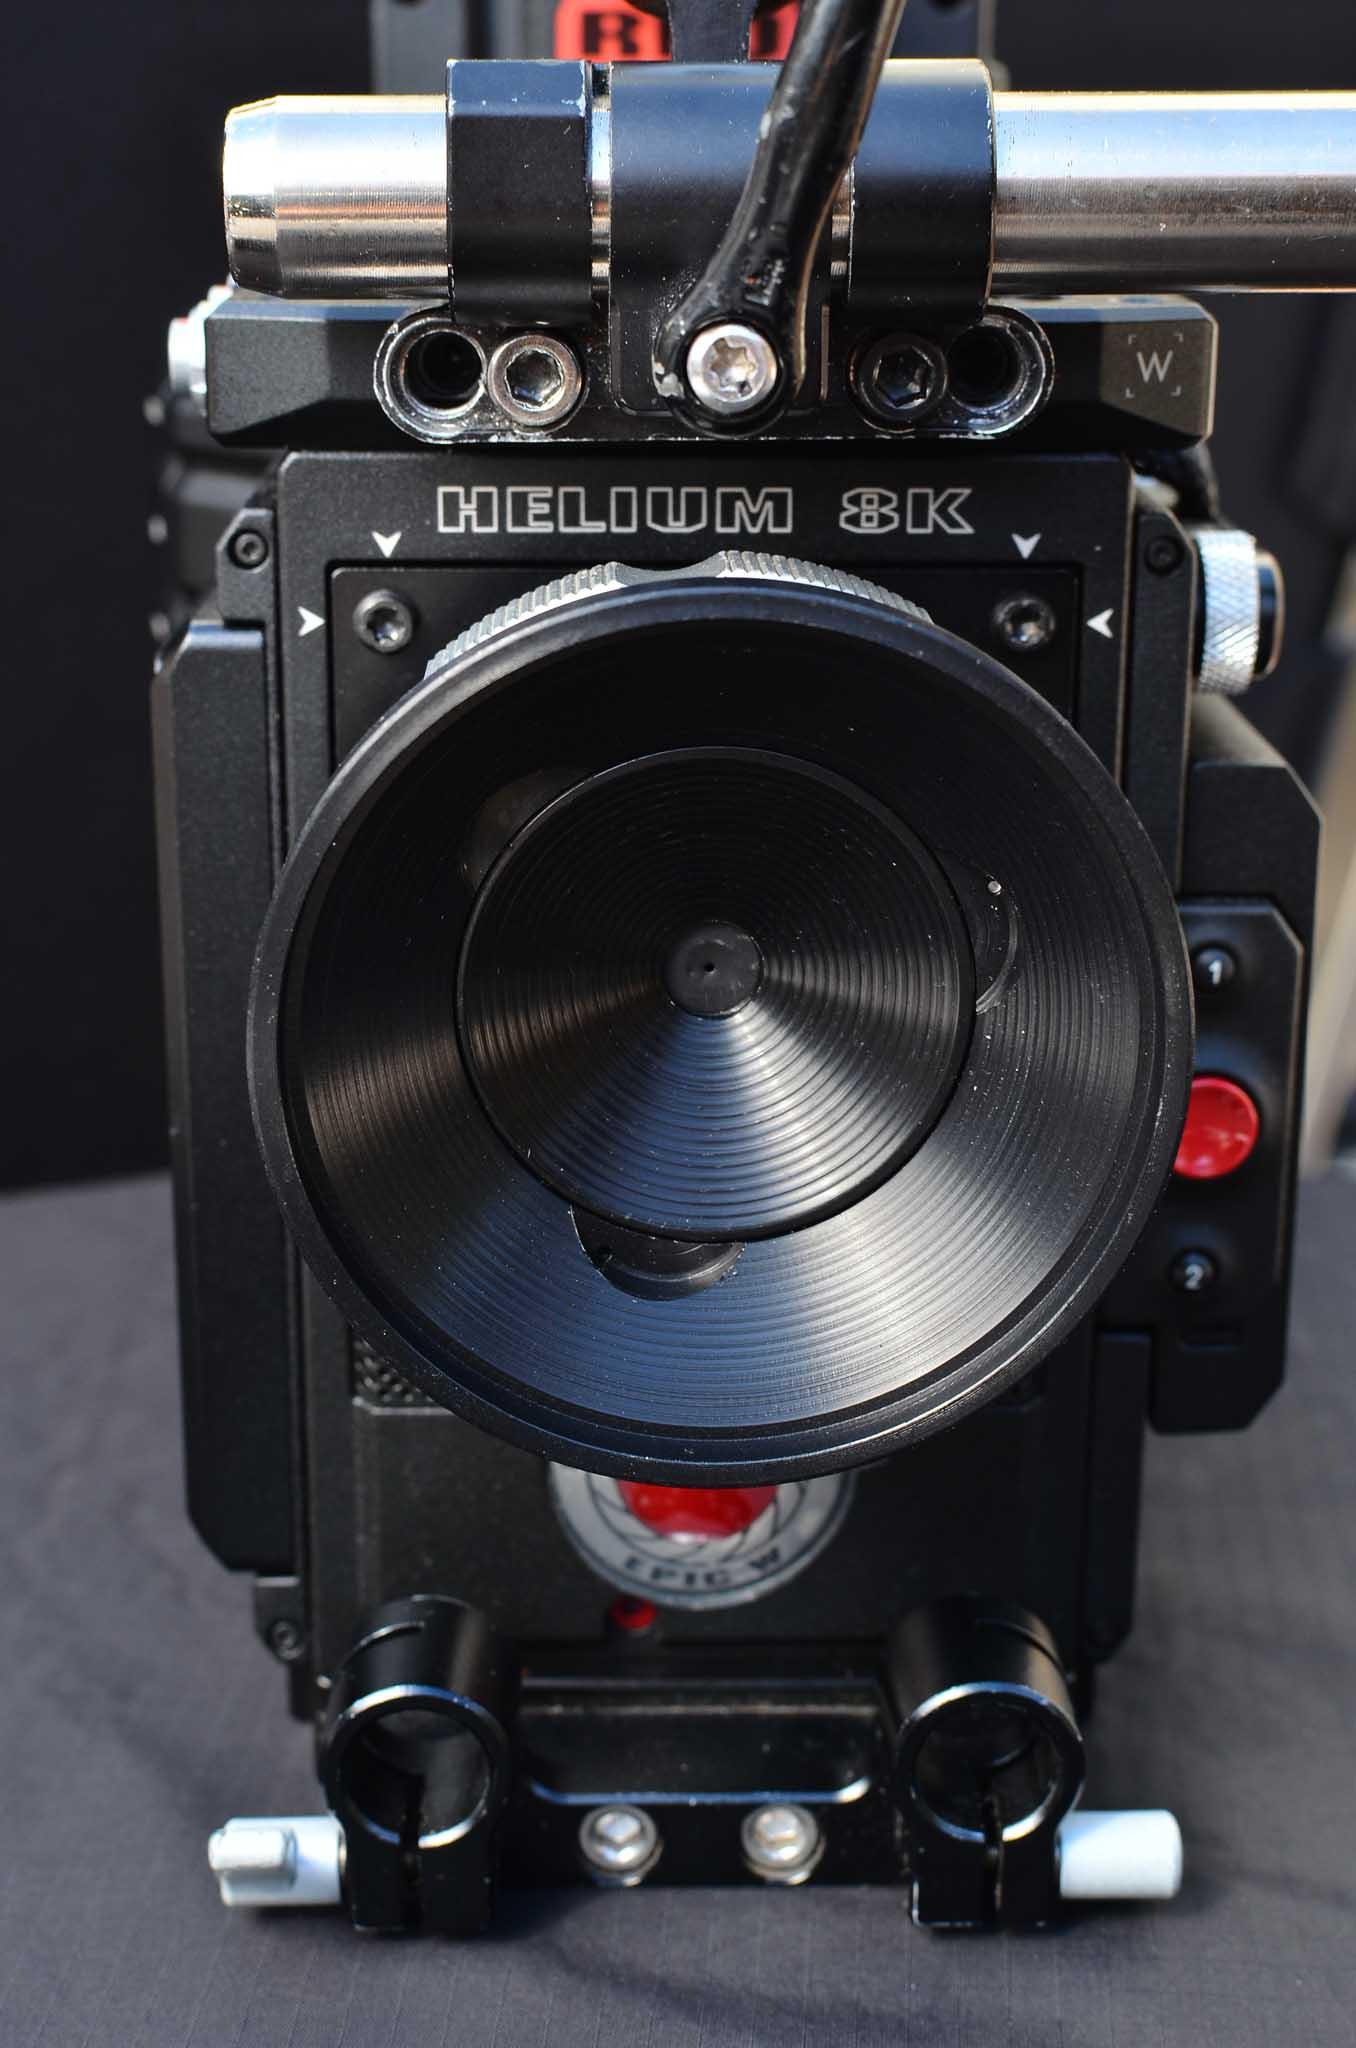 DSC_1970